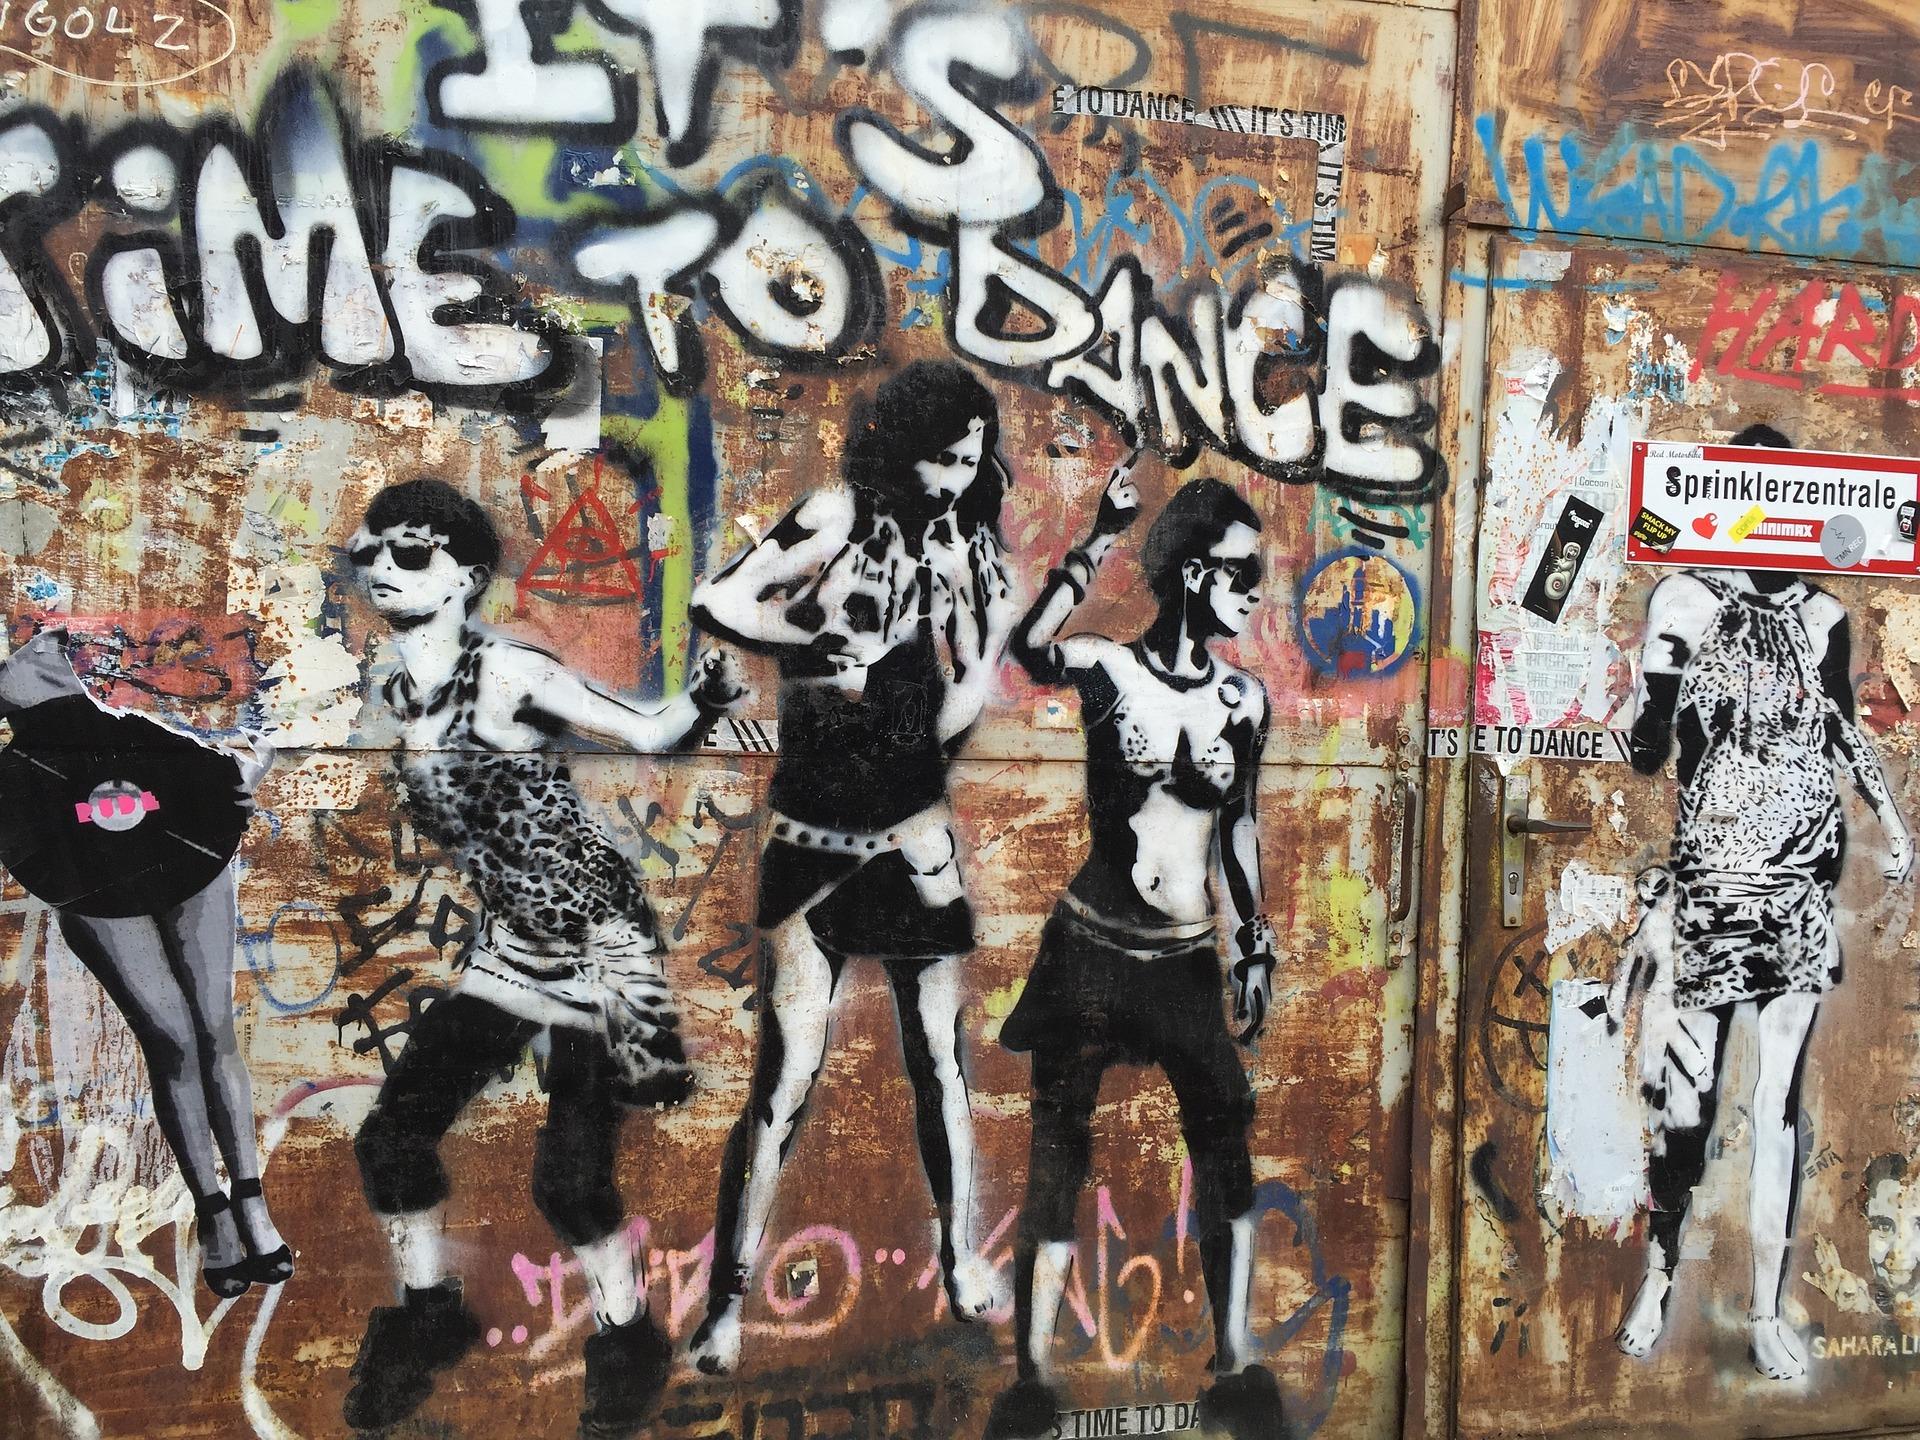 Tanzkurse für Anfänger